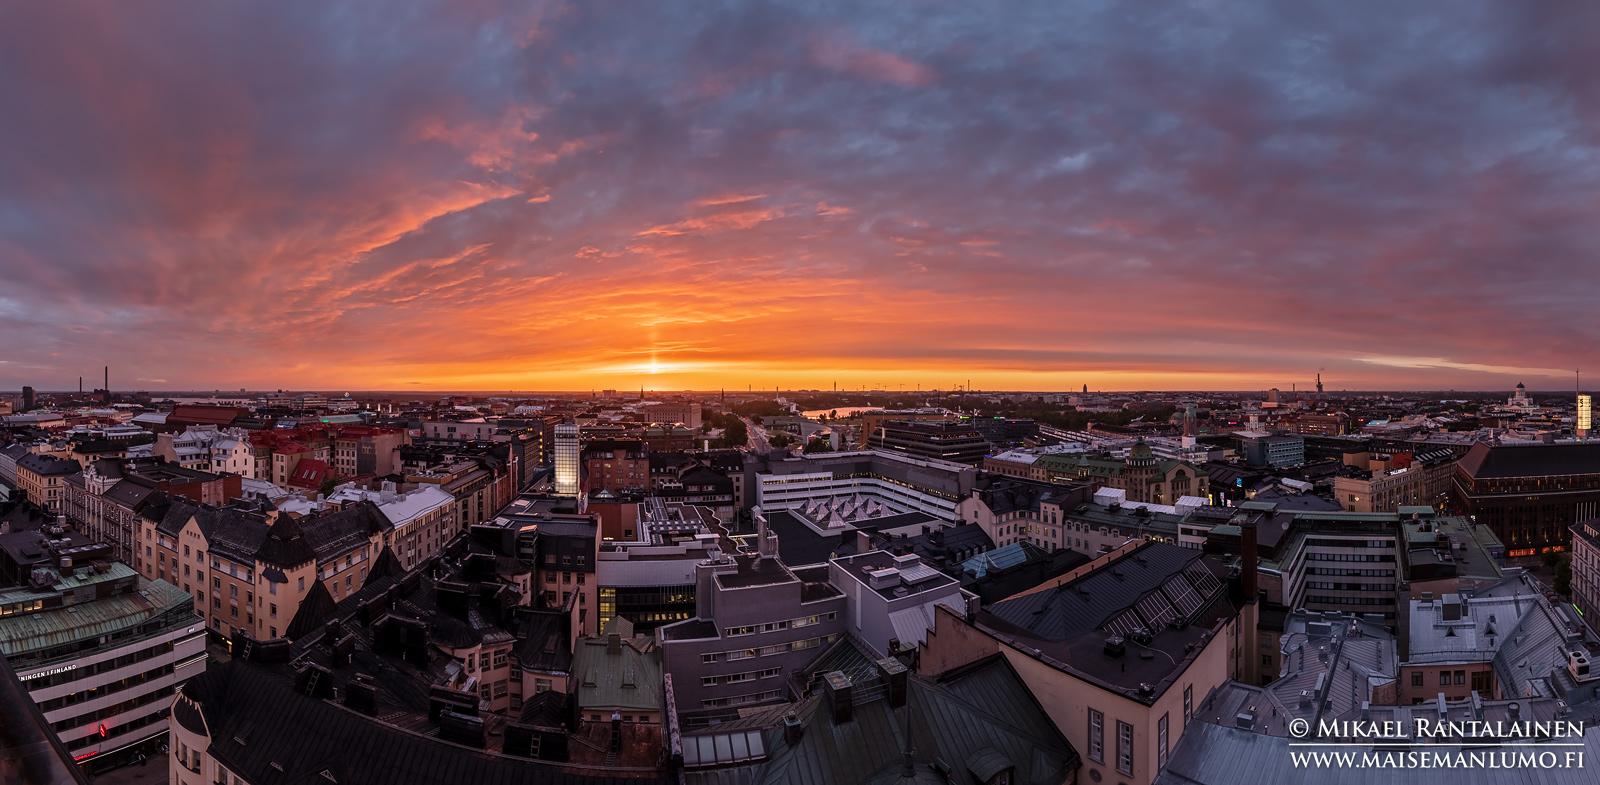 Panoraama Hotelli Tornista, Helsinki (HP196)